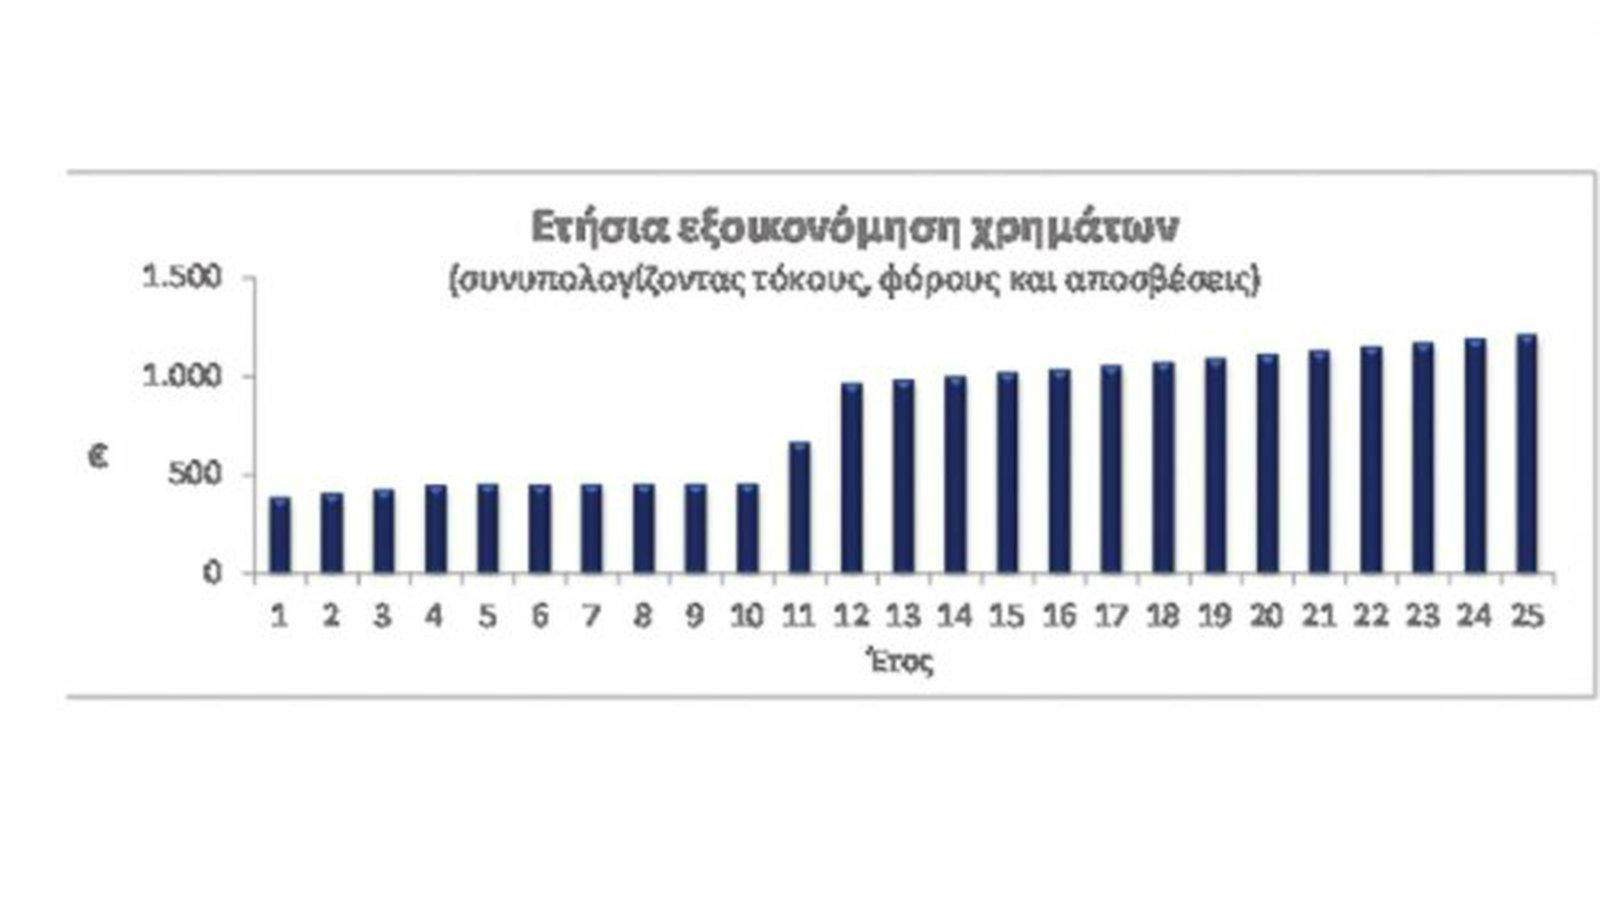 Ετήσια εξοικονόμηση χρημάτων με την χρήση net metering